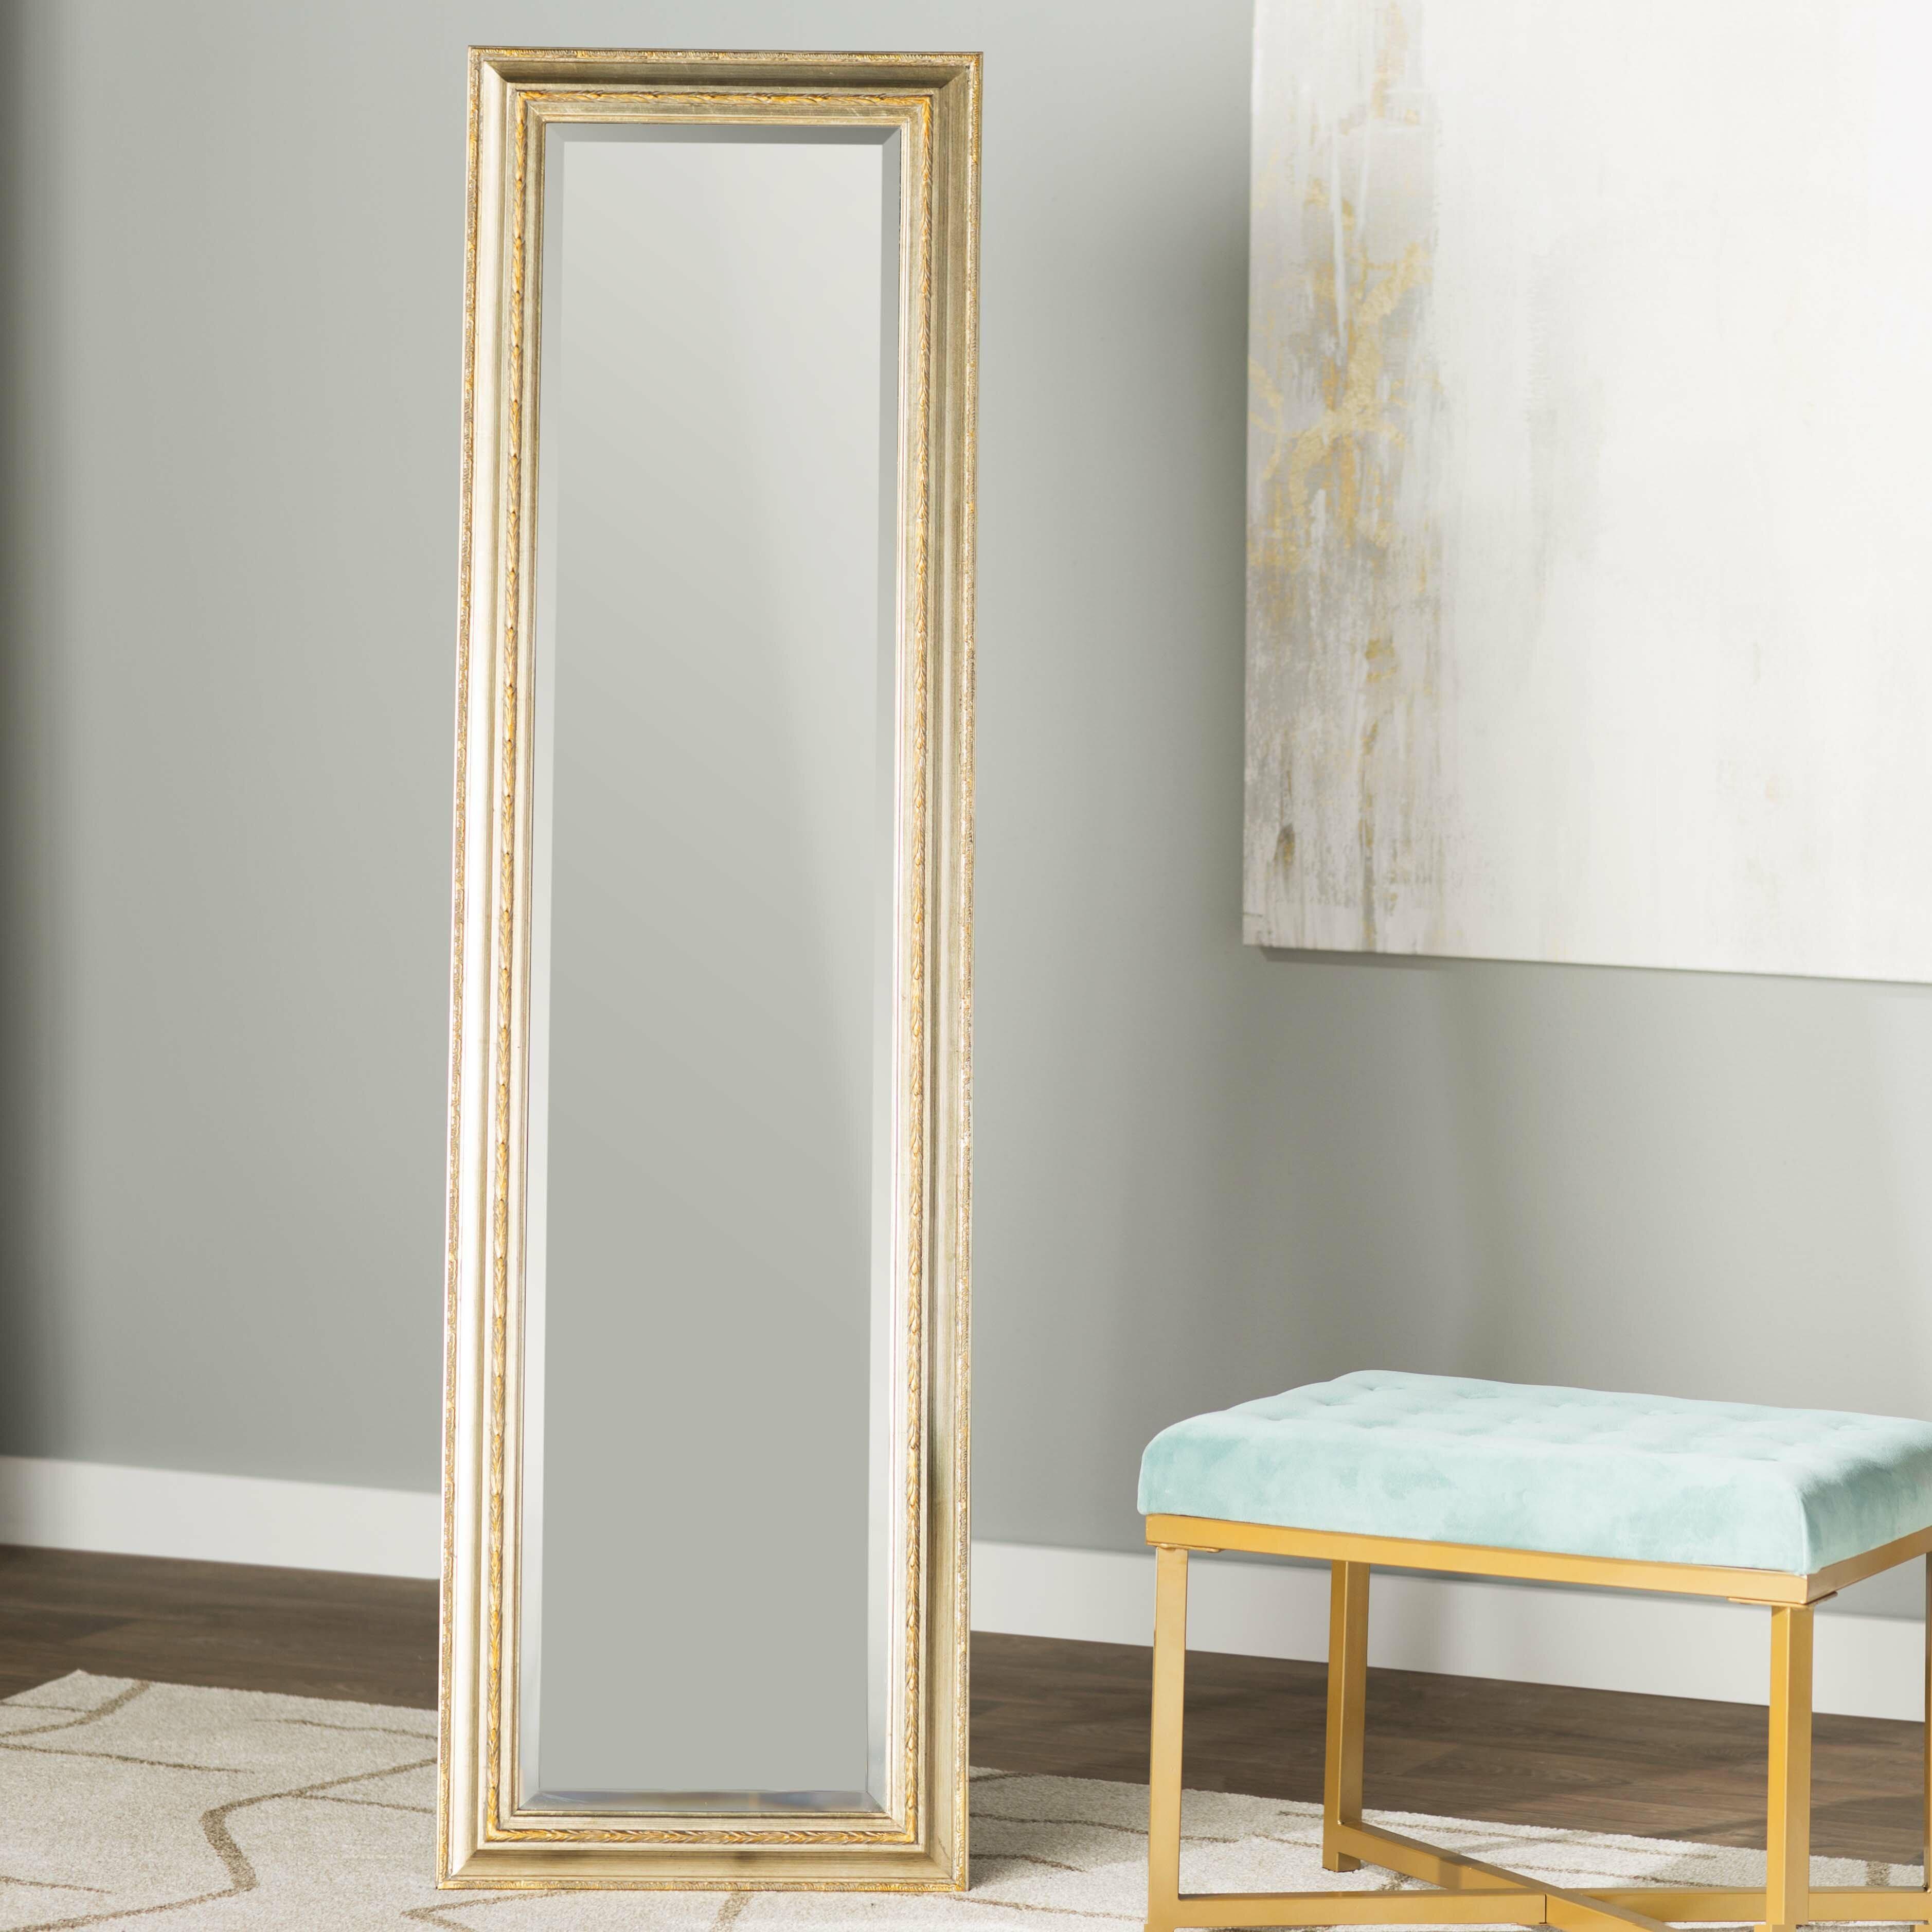 Astoria Grand Merritt Leaning Mirror & Reviews | Wayfair